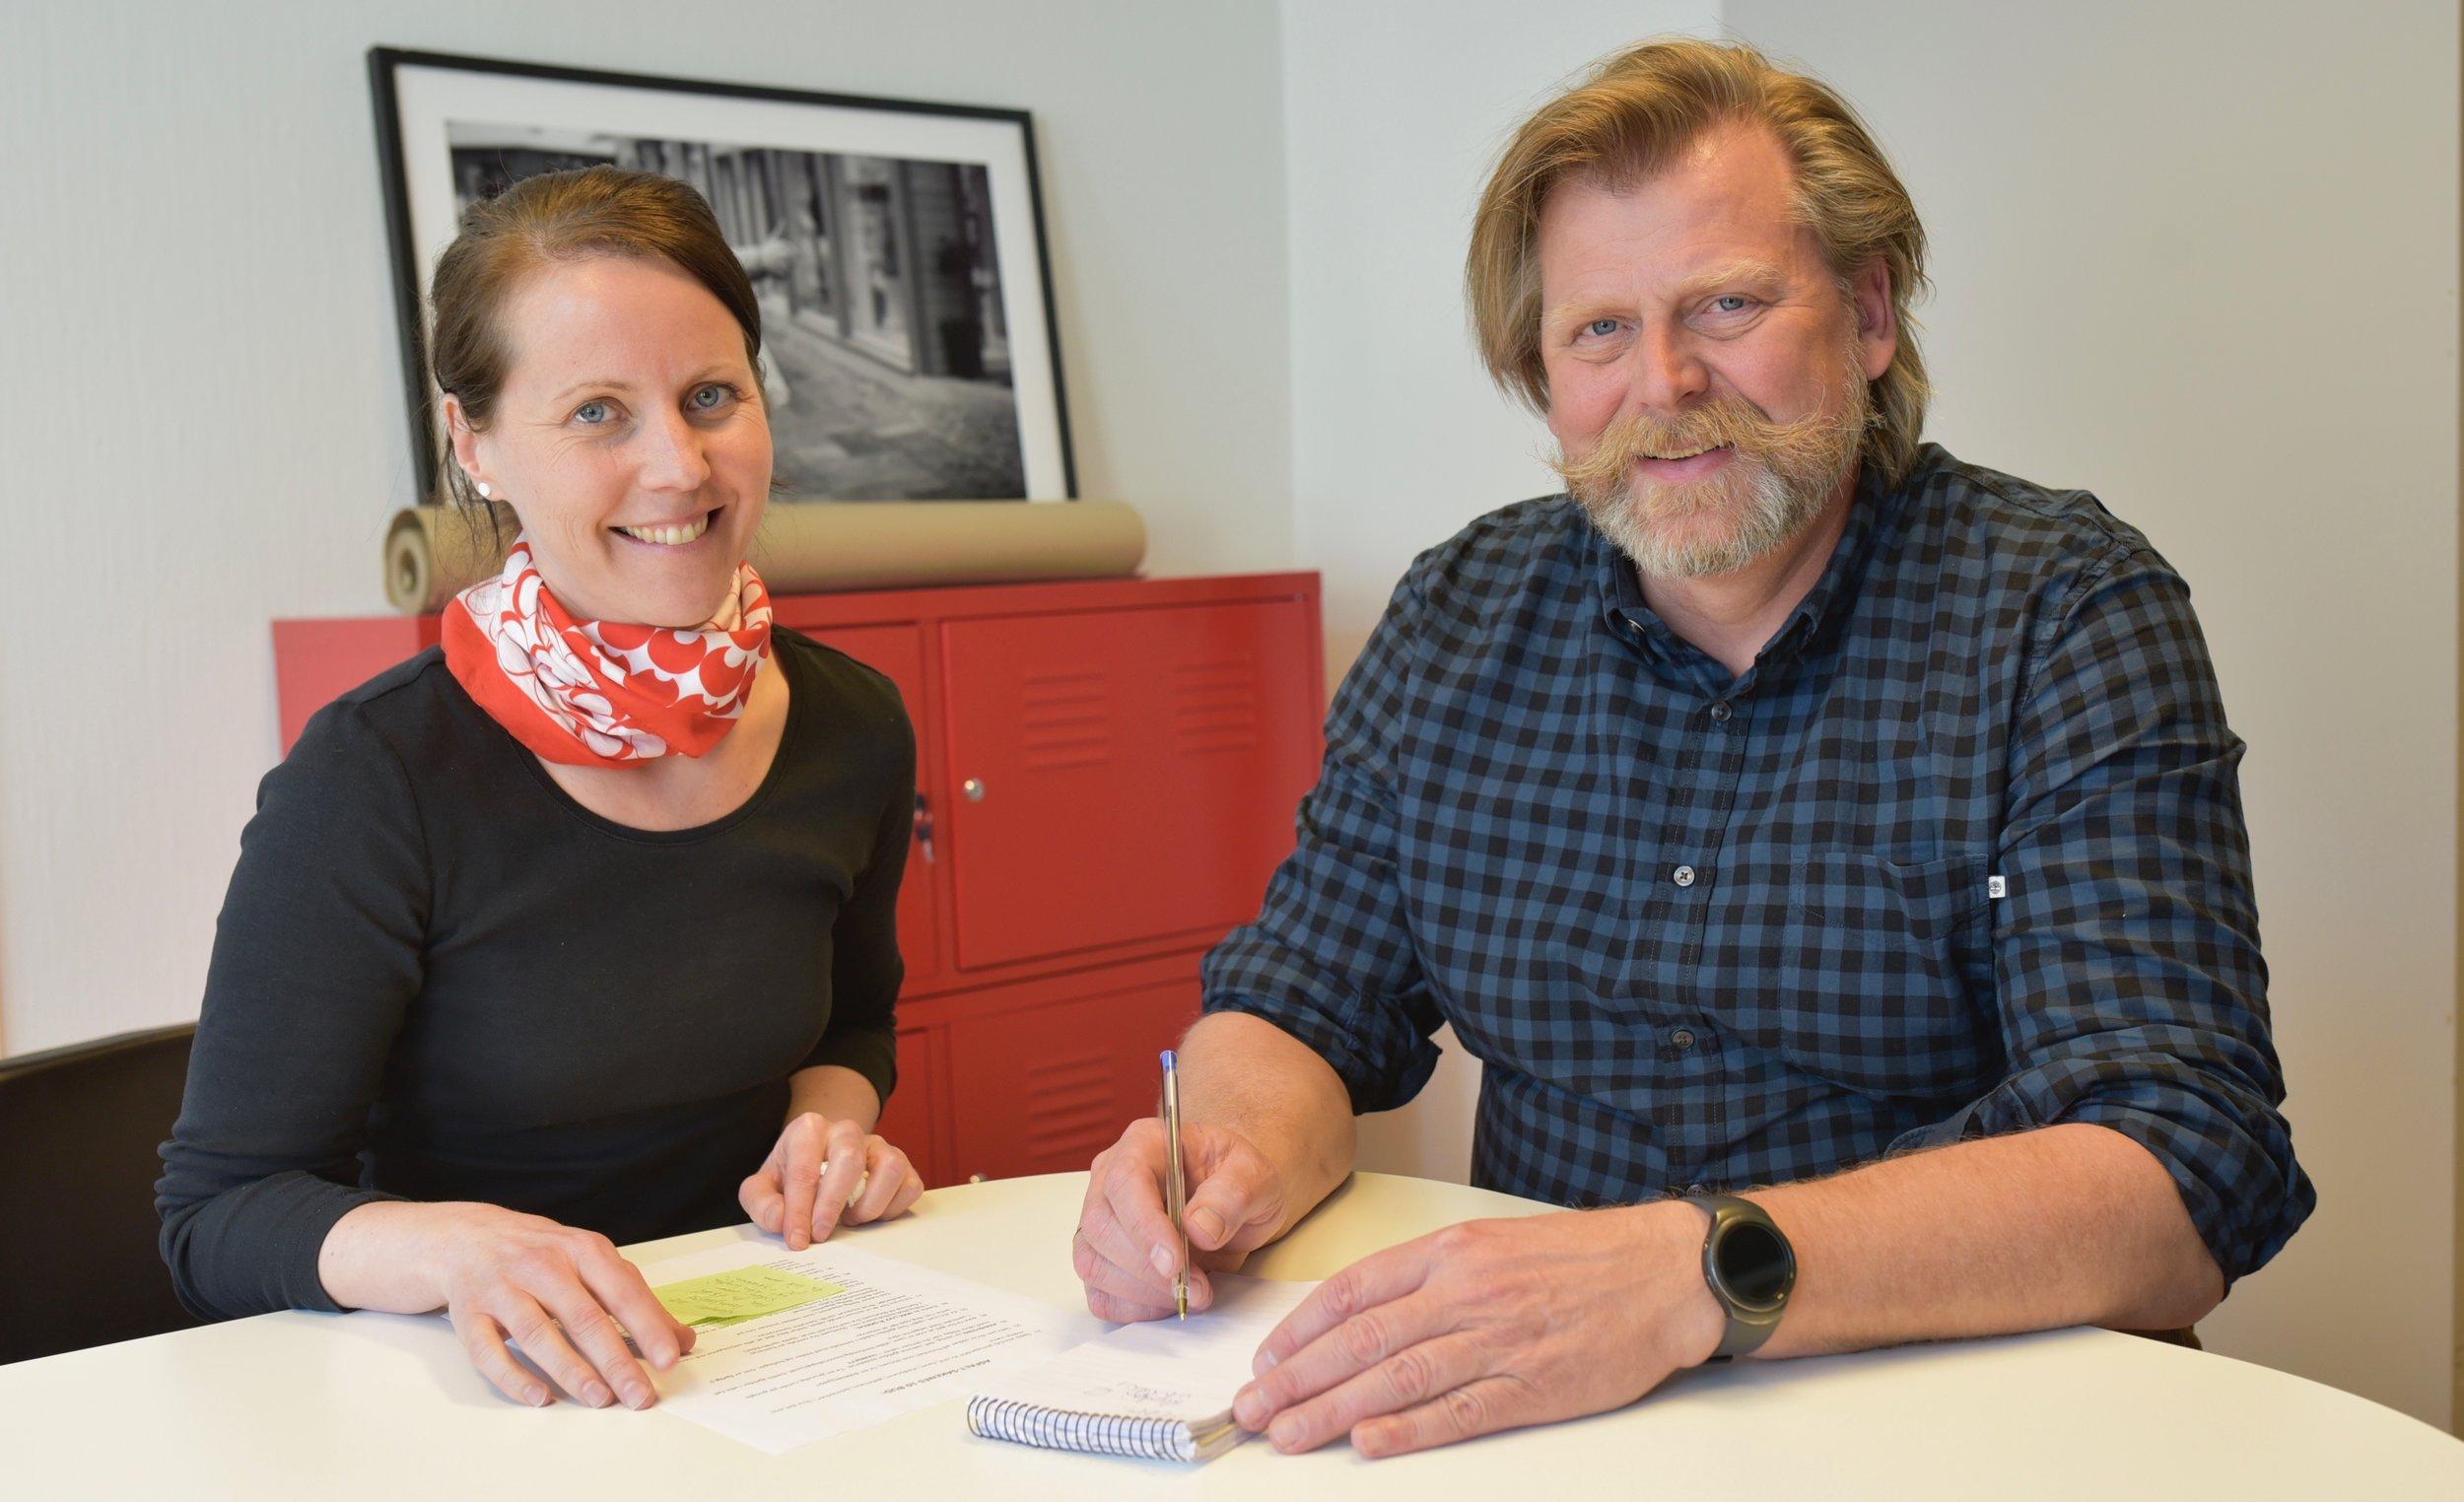 GODE RÅD: Øyvind Sandvold diskuterer strategi og utvikling med daglig leder i Stiftelsen Gatemagasinet Asfalt, Christine Midbøe.